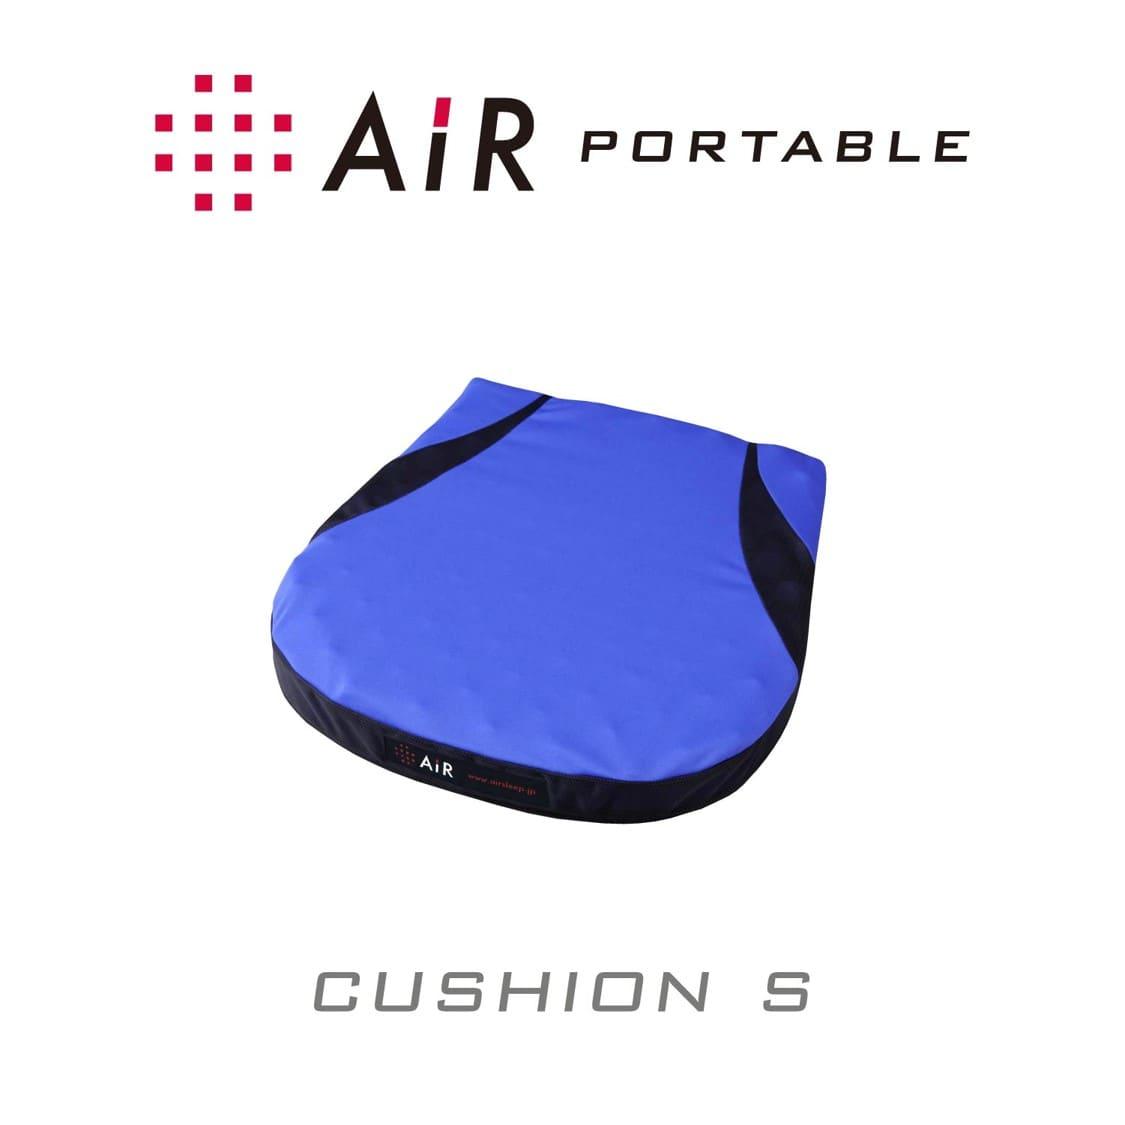 〔エアー〕ポータブルクッション S ブルー色:さまざまな座面にフィットするポータブルクッション